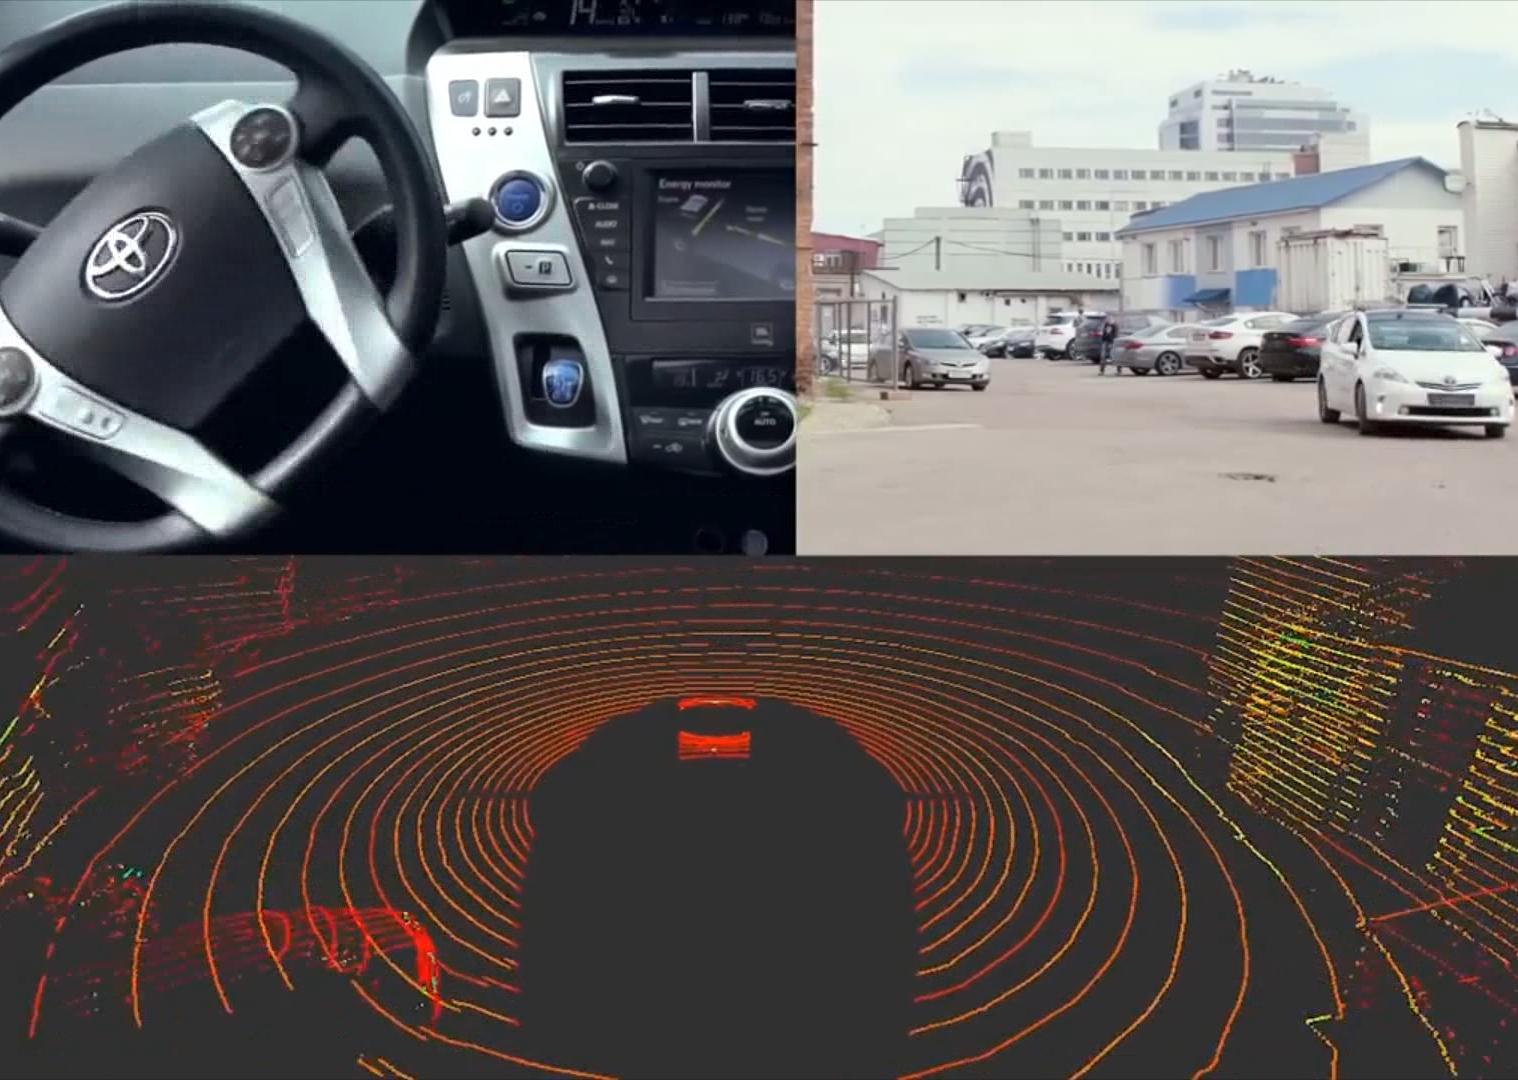 科技雷不撕:俄罗斯Yandex无人驾驶汽车测试视频